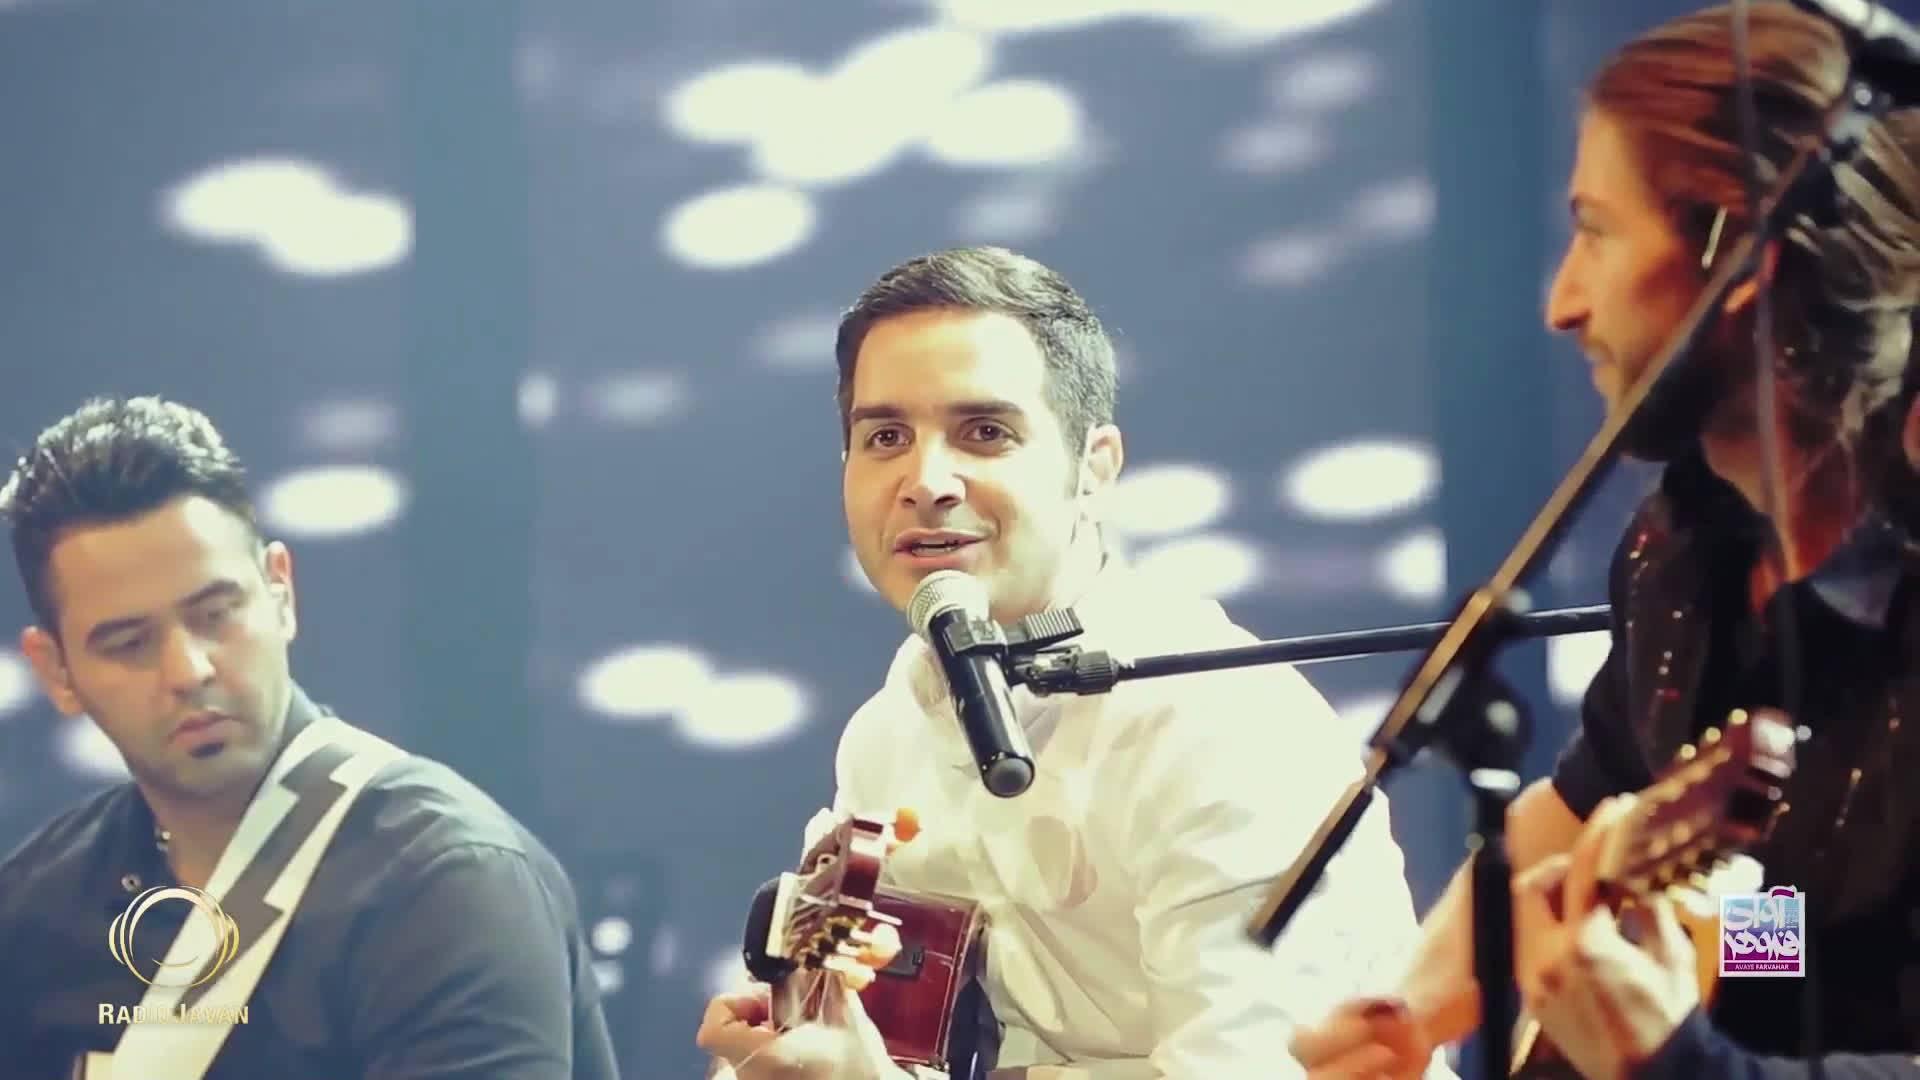 ویدیو اجرای زنده آهنگ بهت قول میدم از محسن یگانه در کنسرت